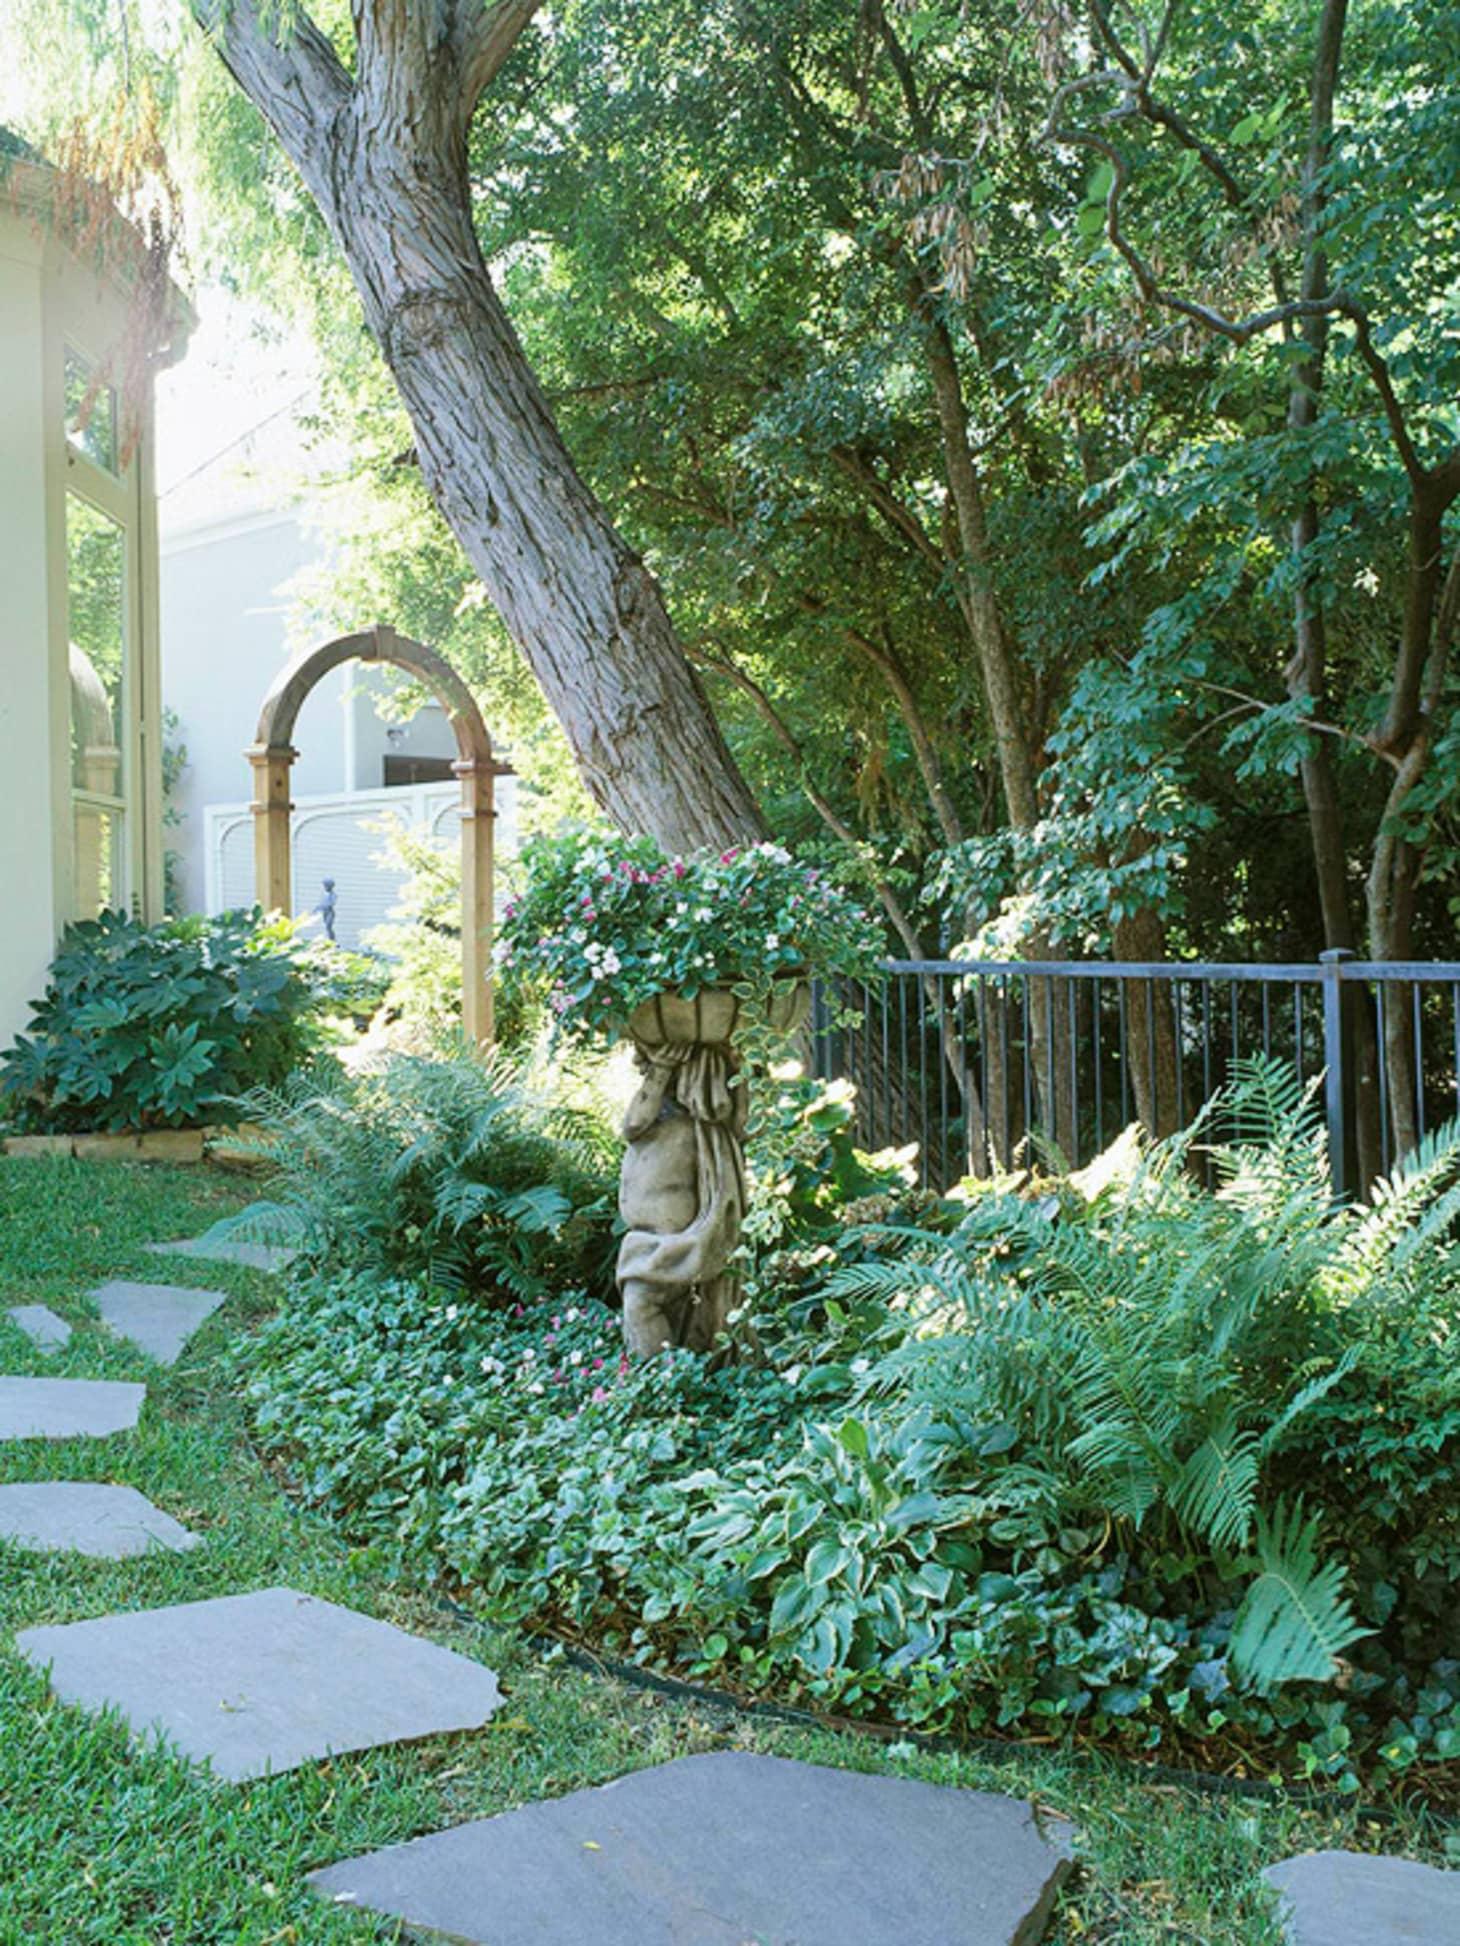 Garden Therapy Different Garden Ideas: 7 Different Ways To Design A Simple Garden Walkway